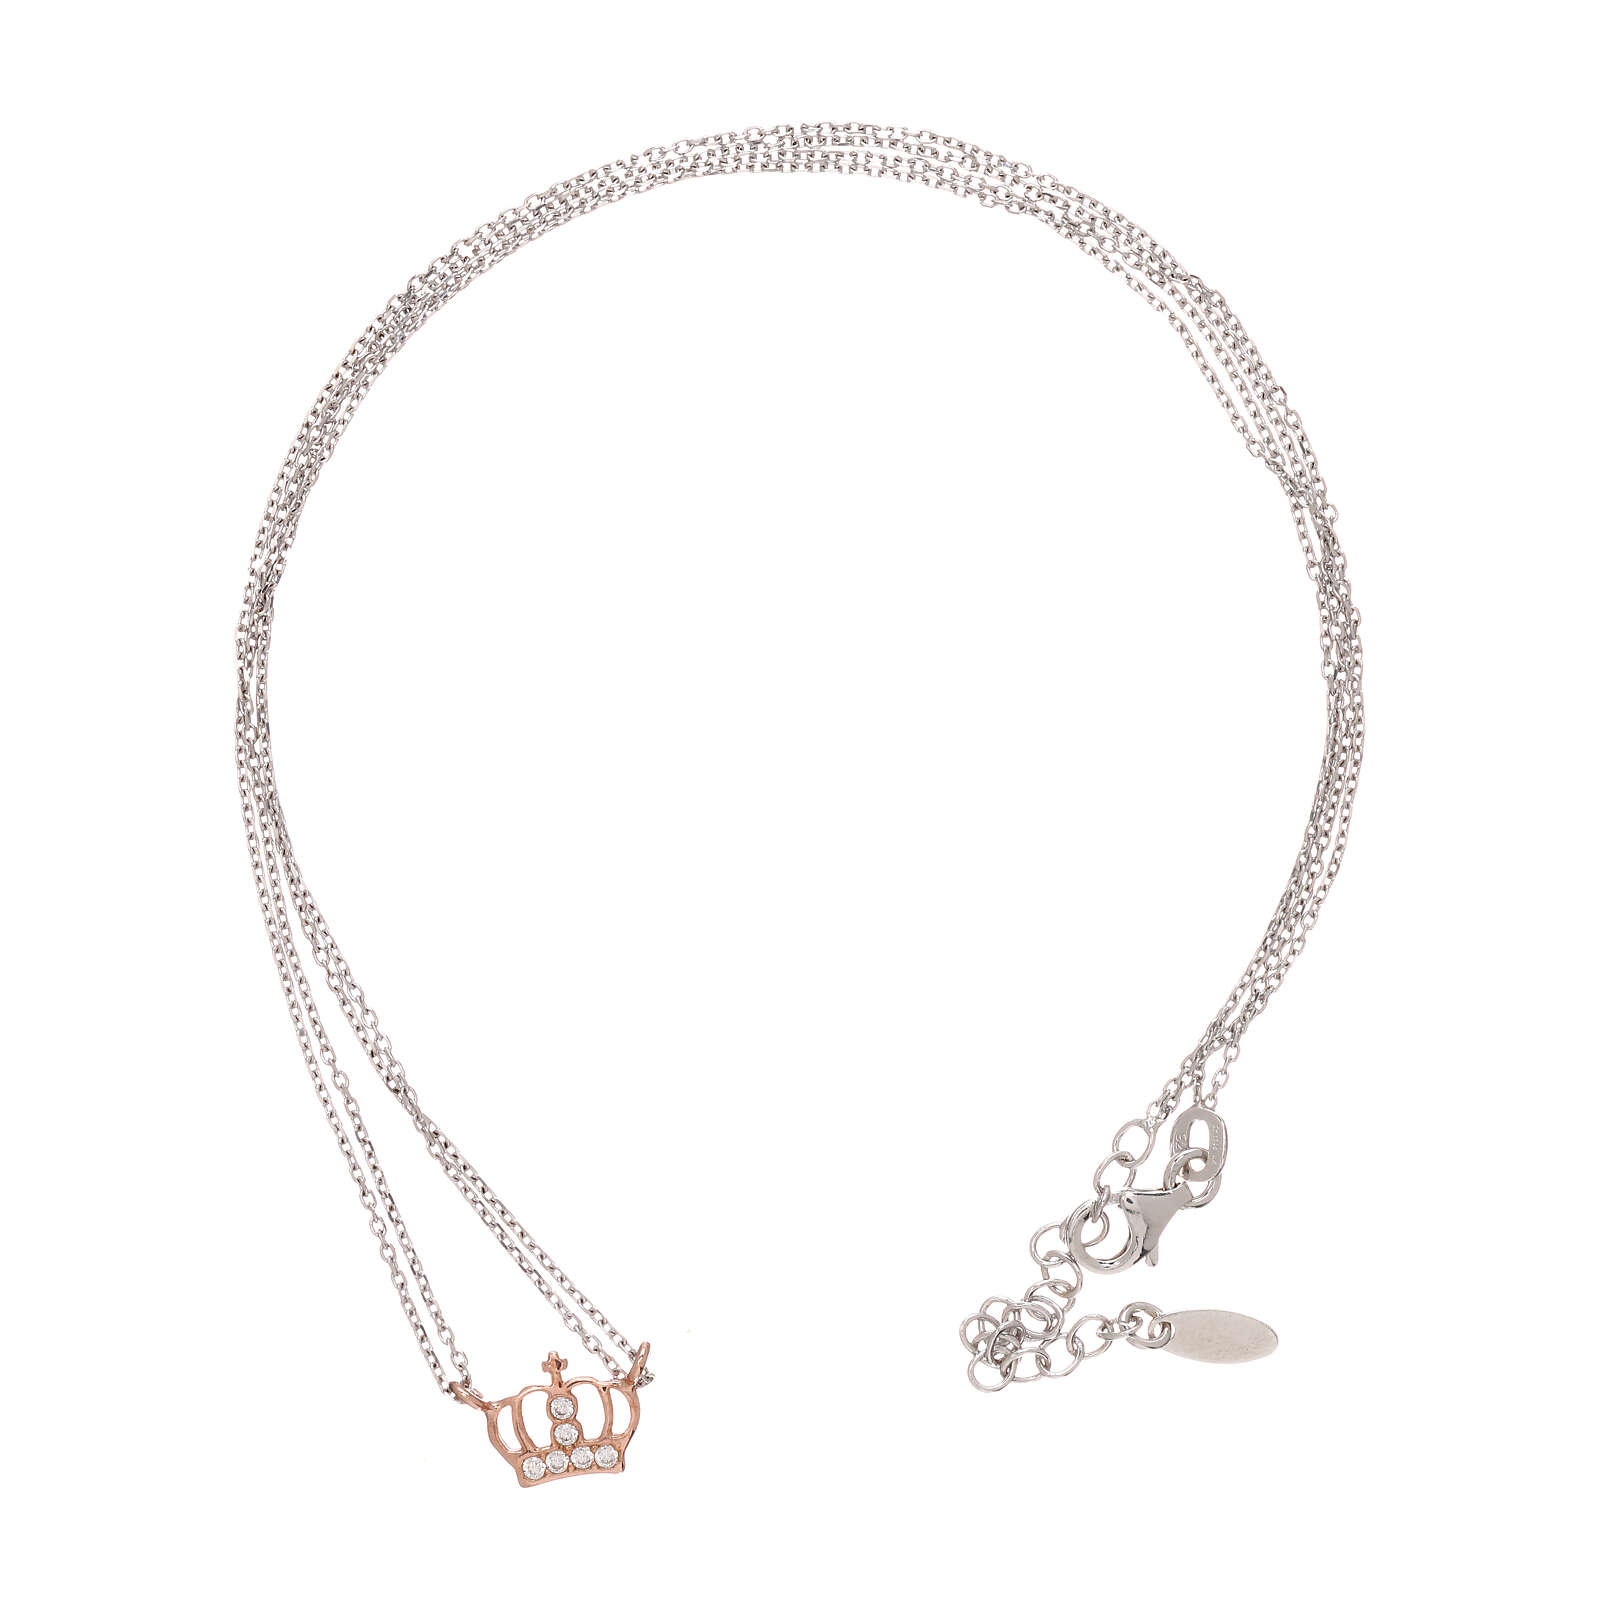 Collana AMEN arg 925 finitura rodiata/rosé corona zirconi bianchi 4